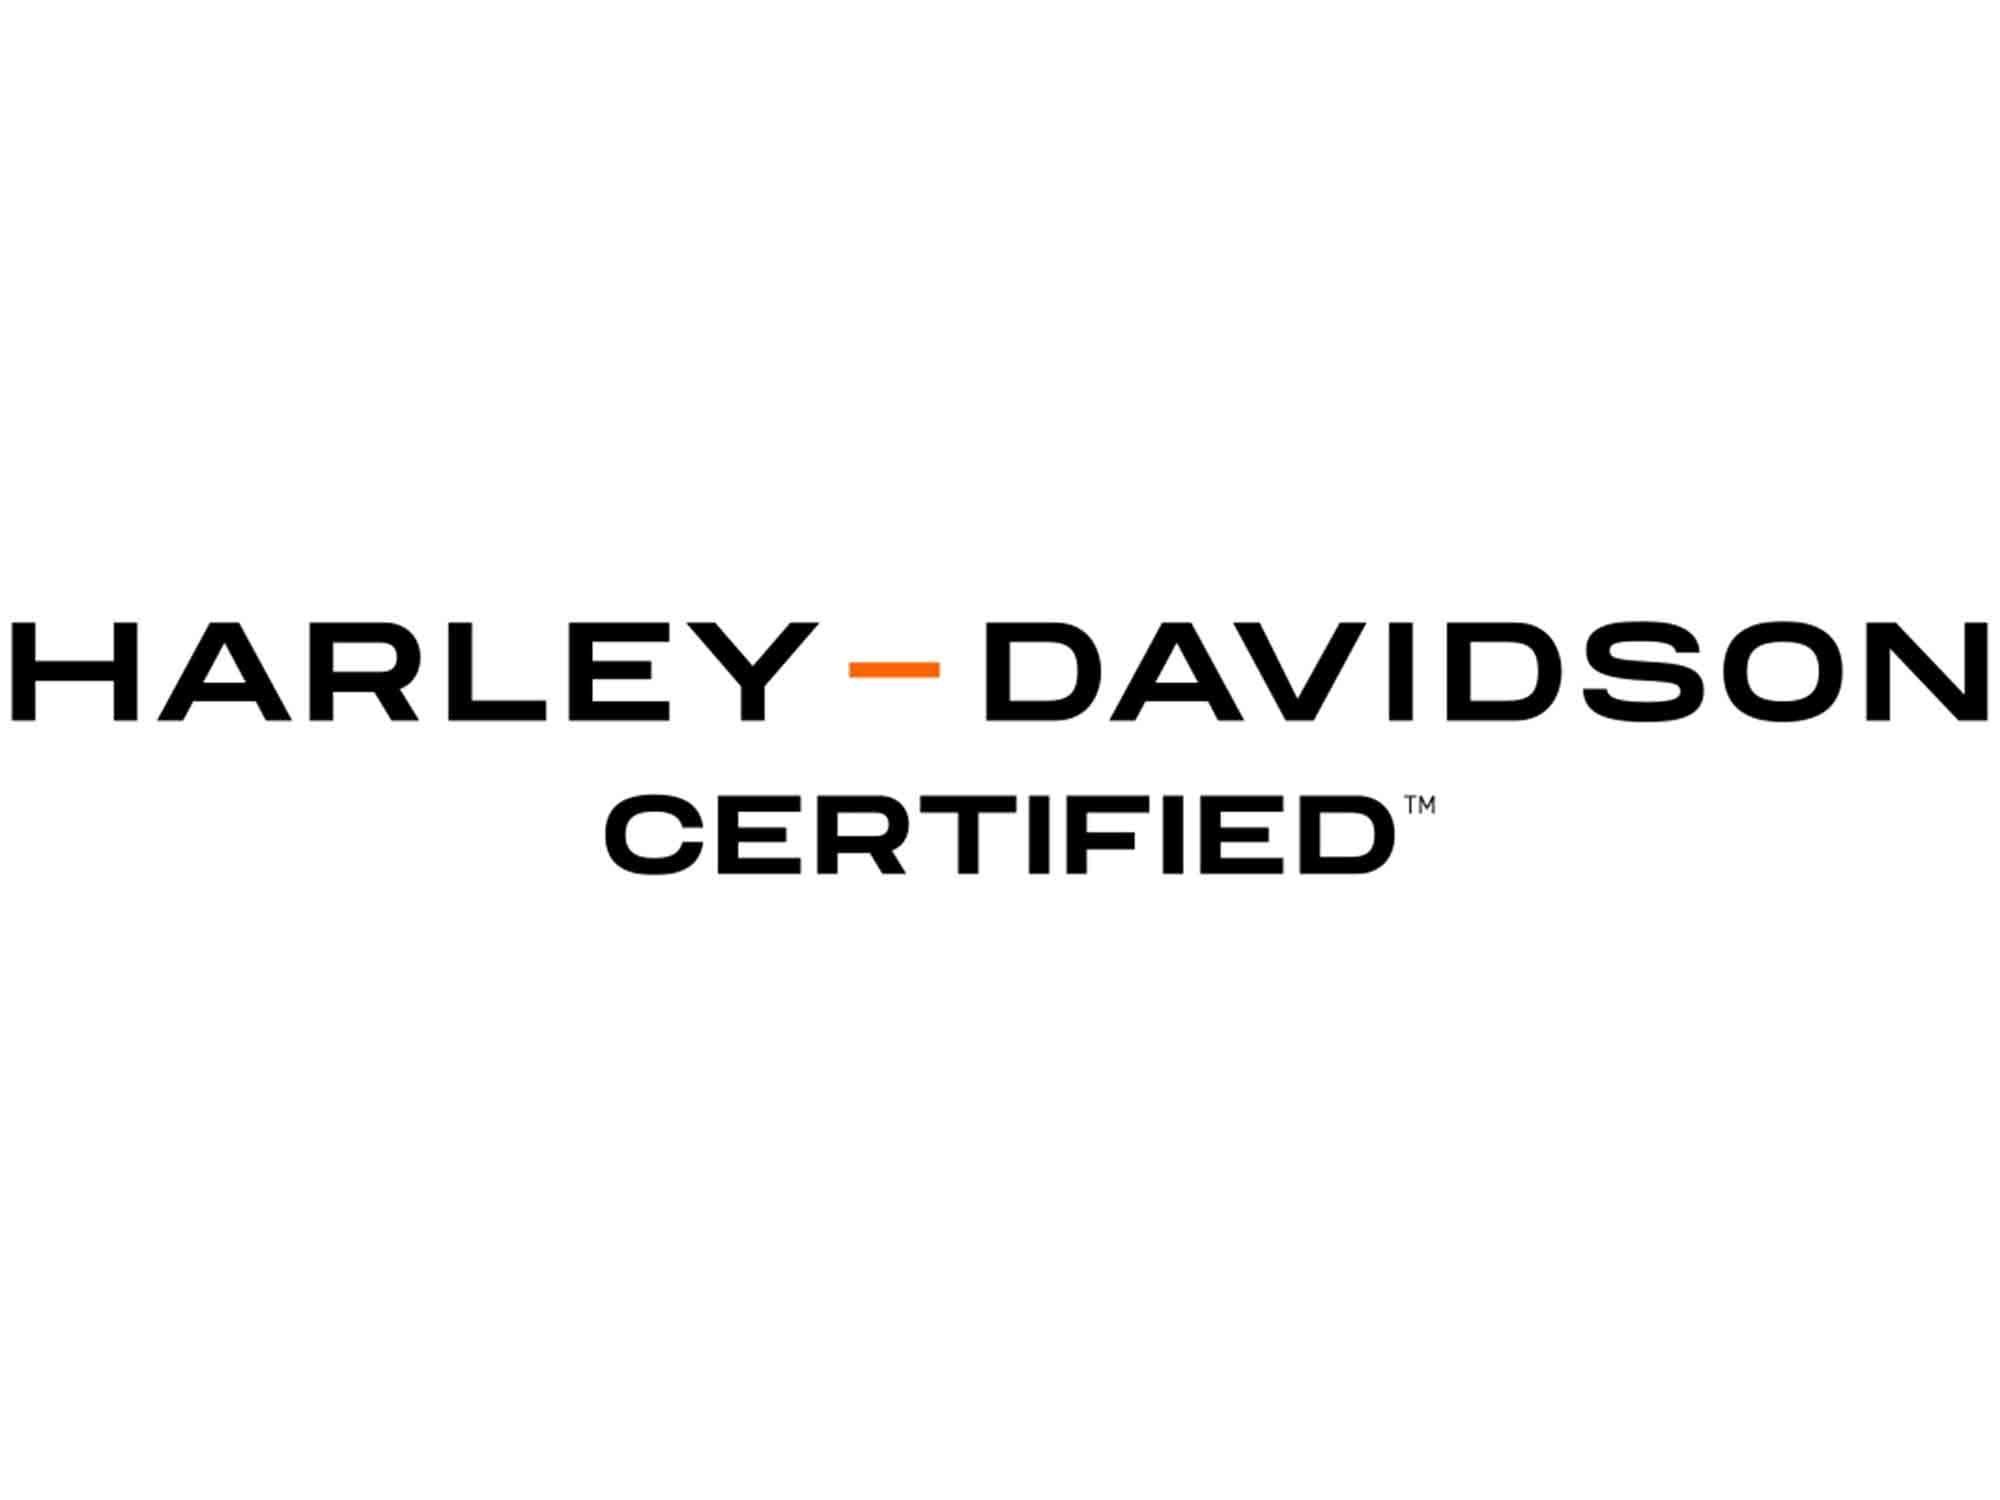 HD-CEO Jochen Zeitz heeft gezegd dat het Certified-programma zou aansluiten bij de prioriteiten van de Hardwire-strategie van het bedrijf.